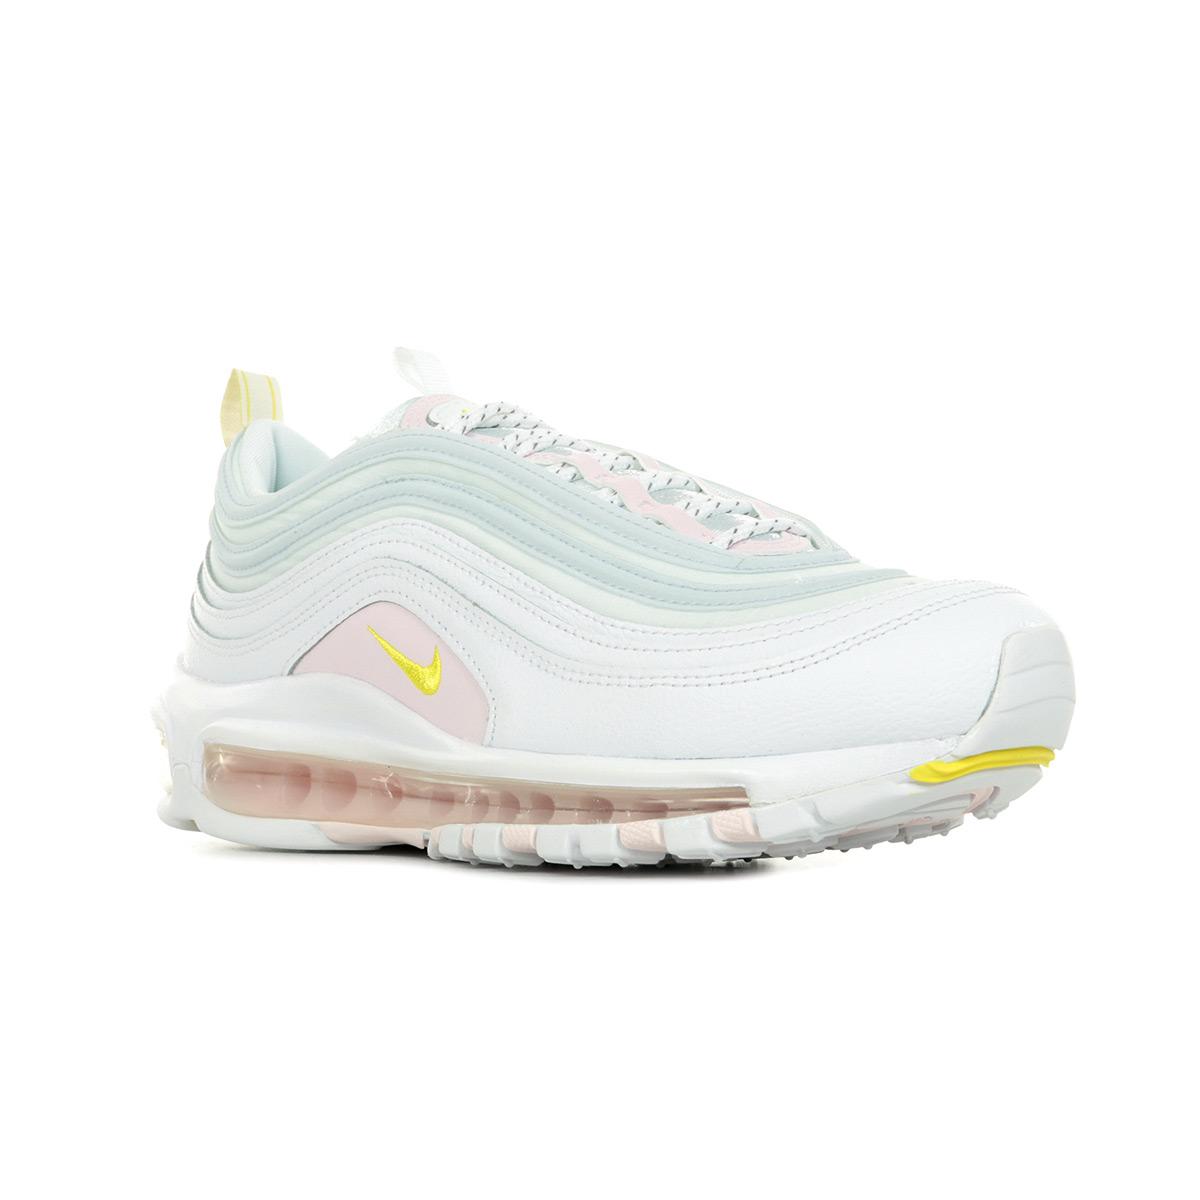 Nike Air Max 97 SE Wn's CI9089100, Baskets mode femme